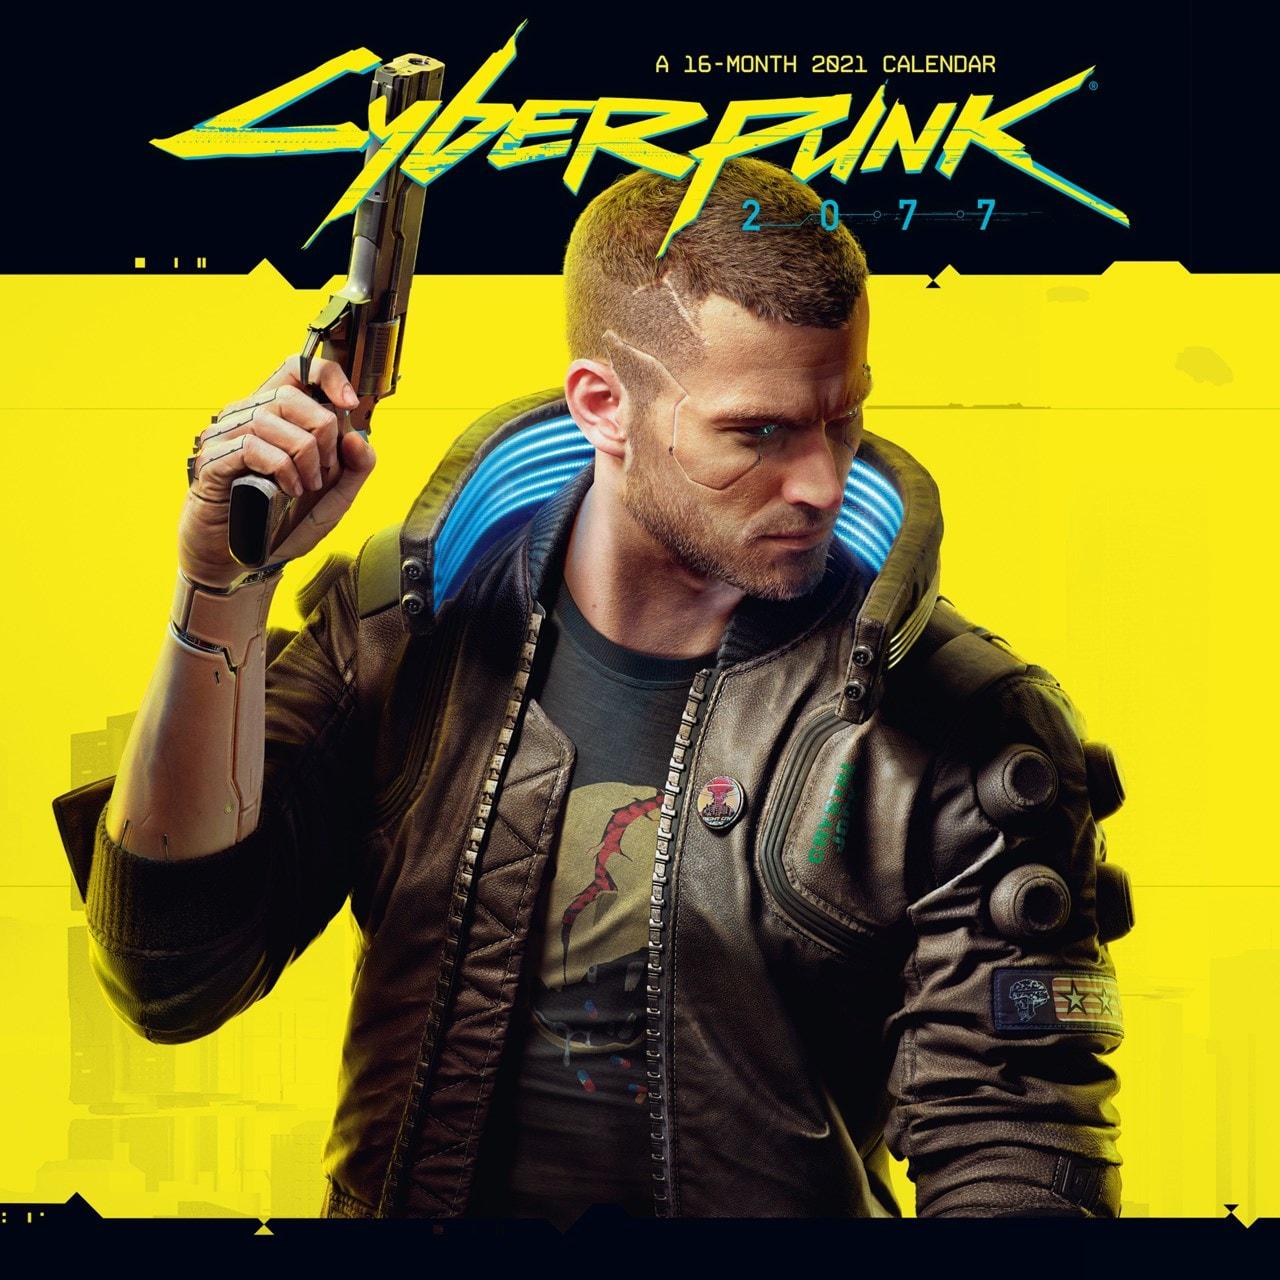 Cyberpunk: Square 2021 Calendar - 1